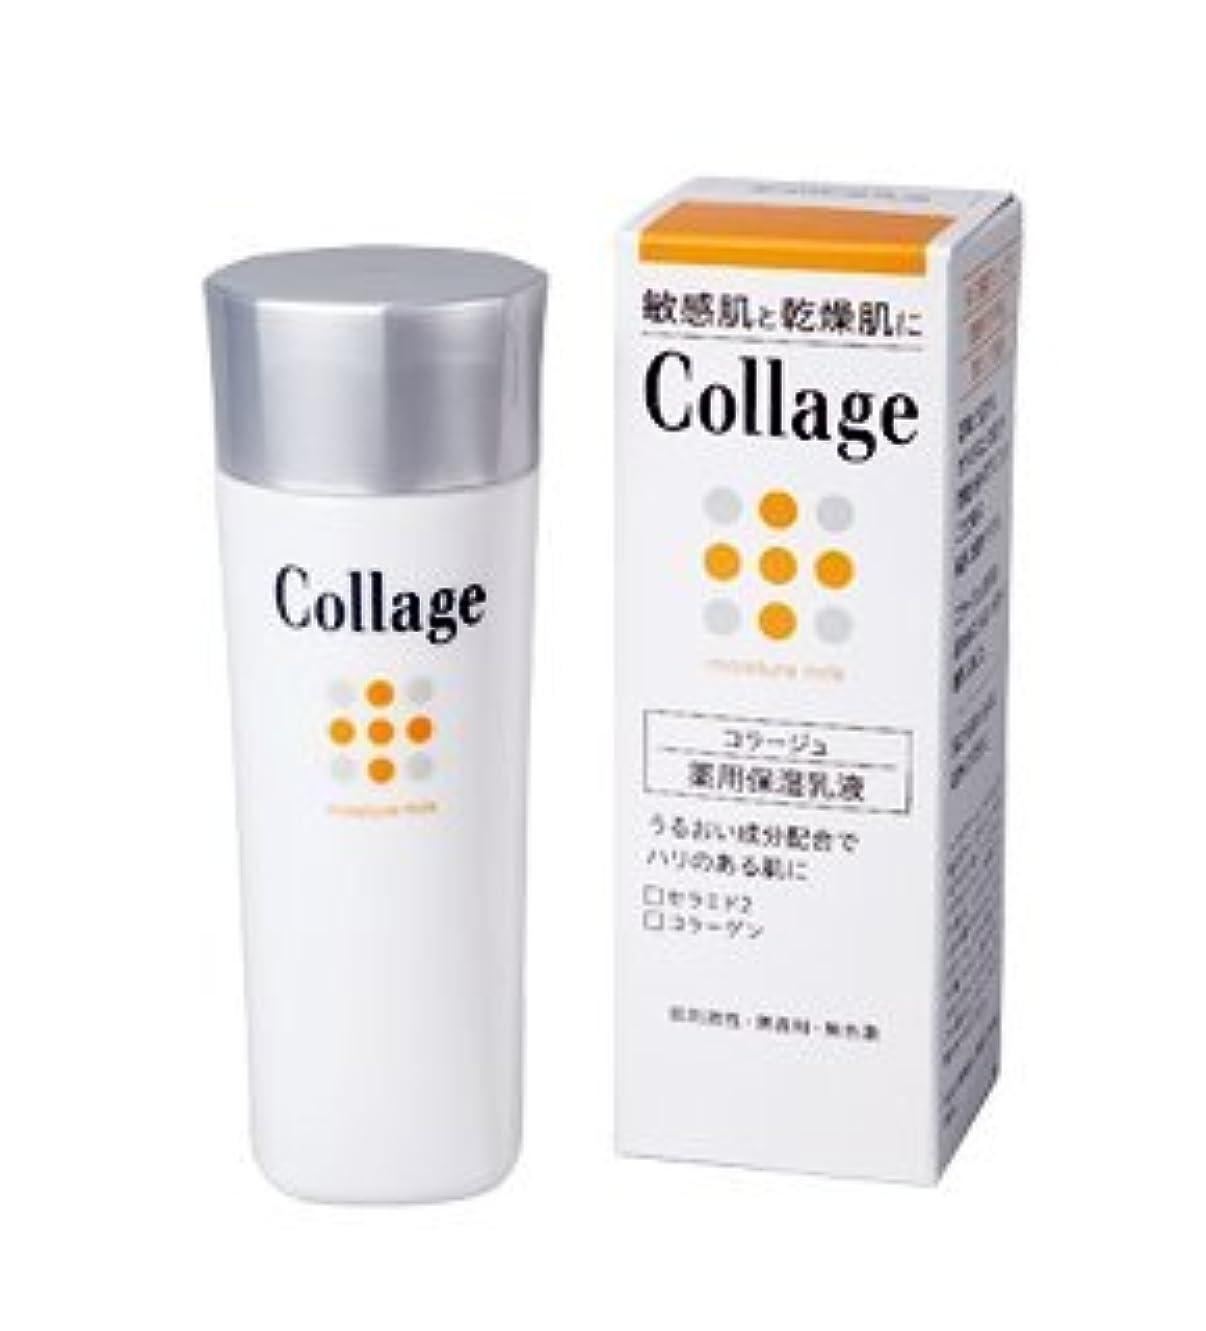 考え十分な宿題【持田ヘルスケア】 コラージュ薬用保湿乳液 80ml (医薬部外品) ×4個セット